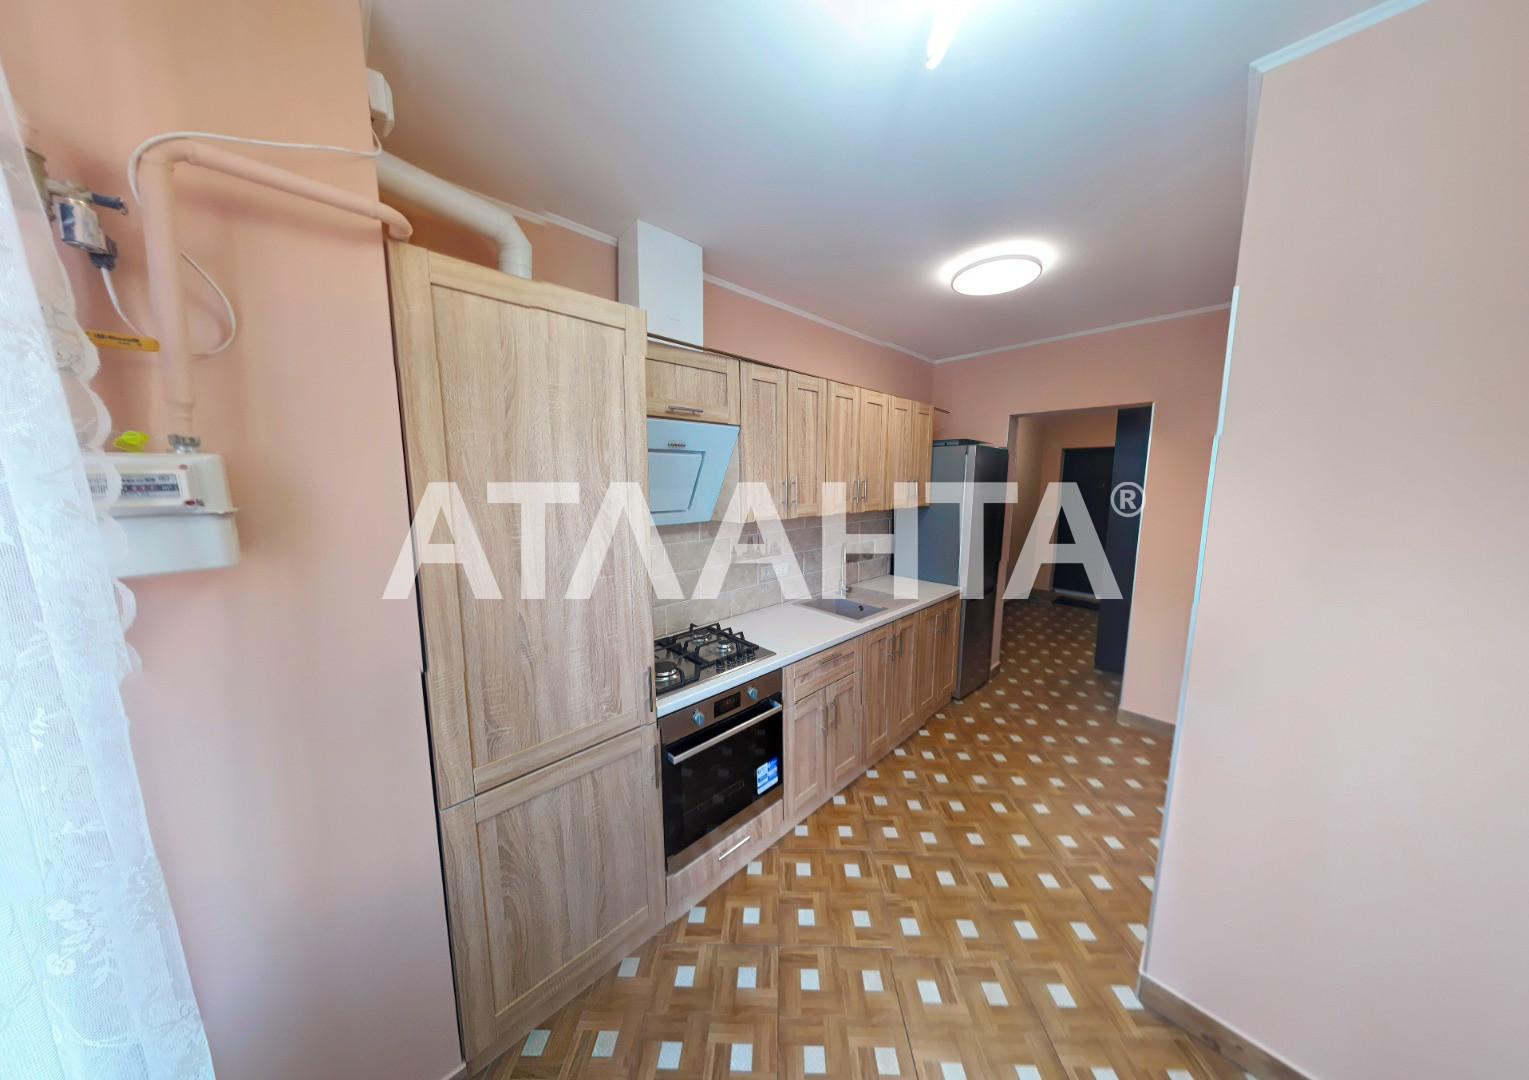 Продается 1-комнатная Квартира на ул. Ул. Луценко Дмитрия — 58 000 у.е. (фото №2)